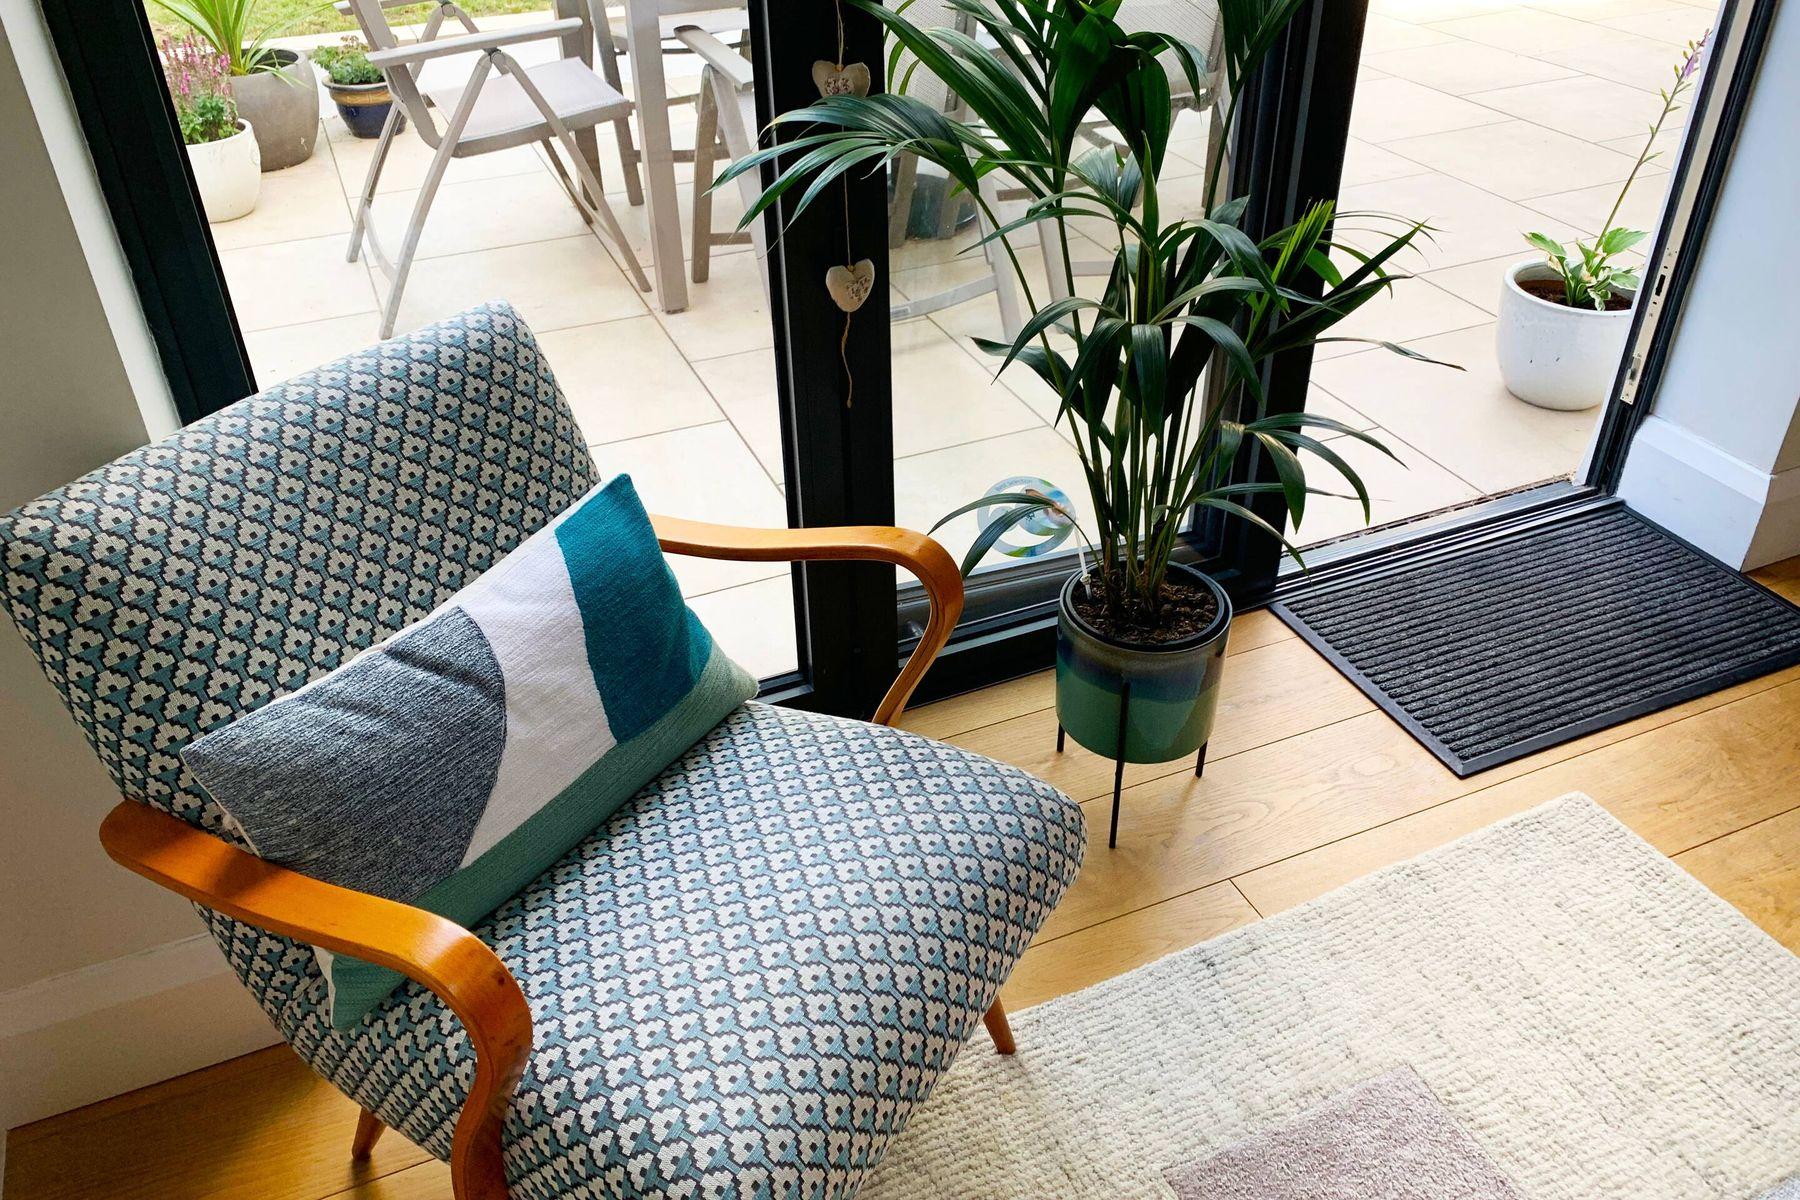 lænestol med hynde og plantepotte ved glashavedøren